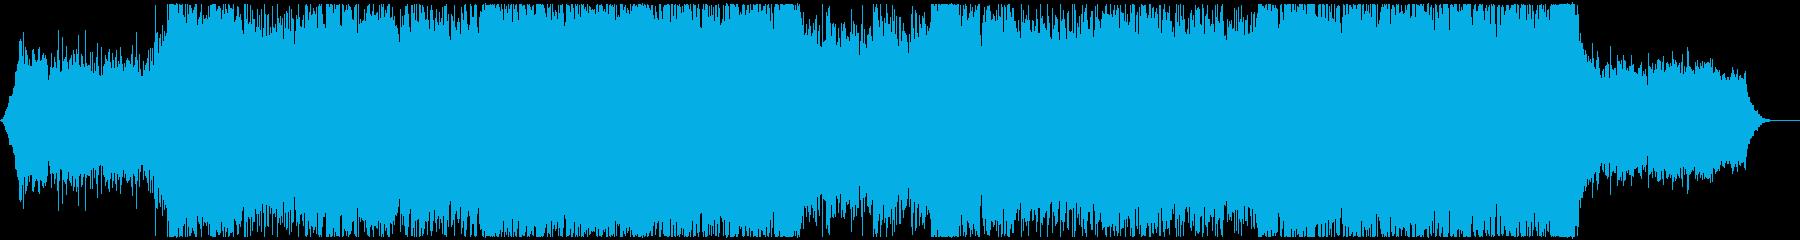 映像にエレキギターのワイルドなロックの再生済みの波形